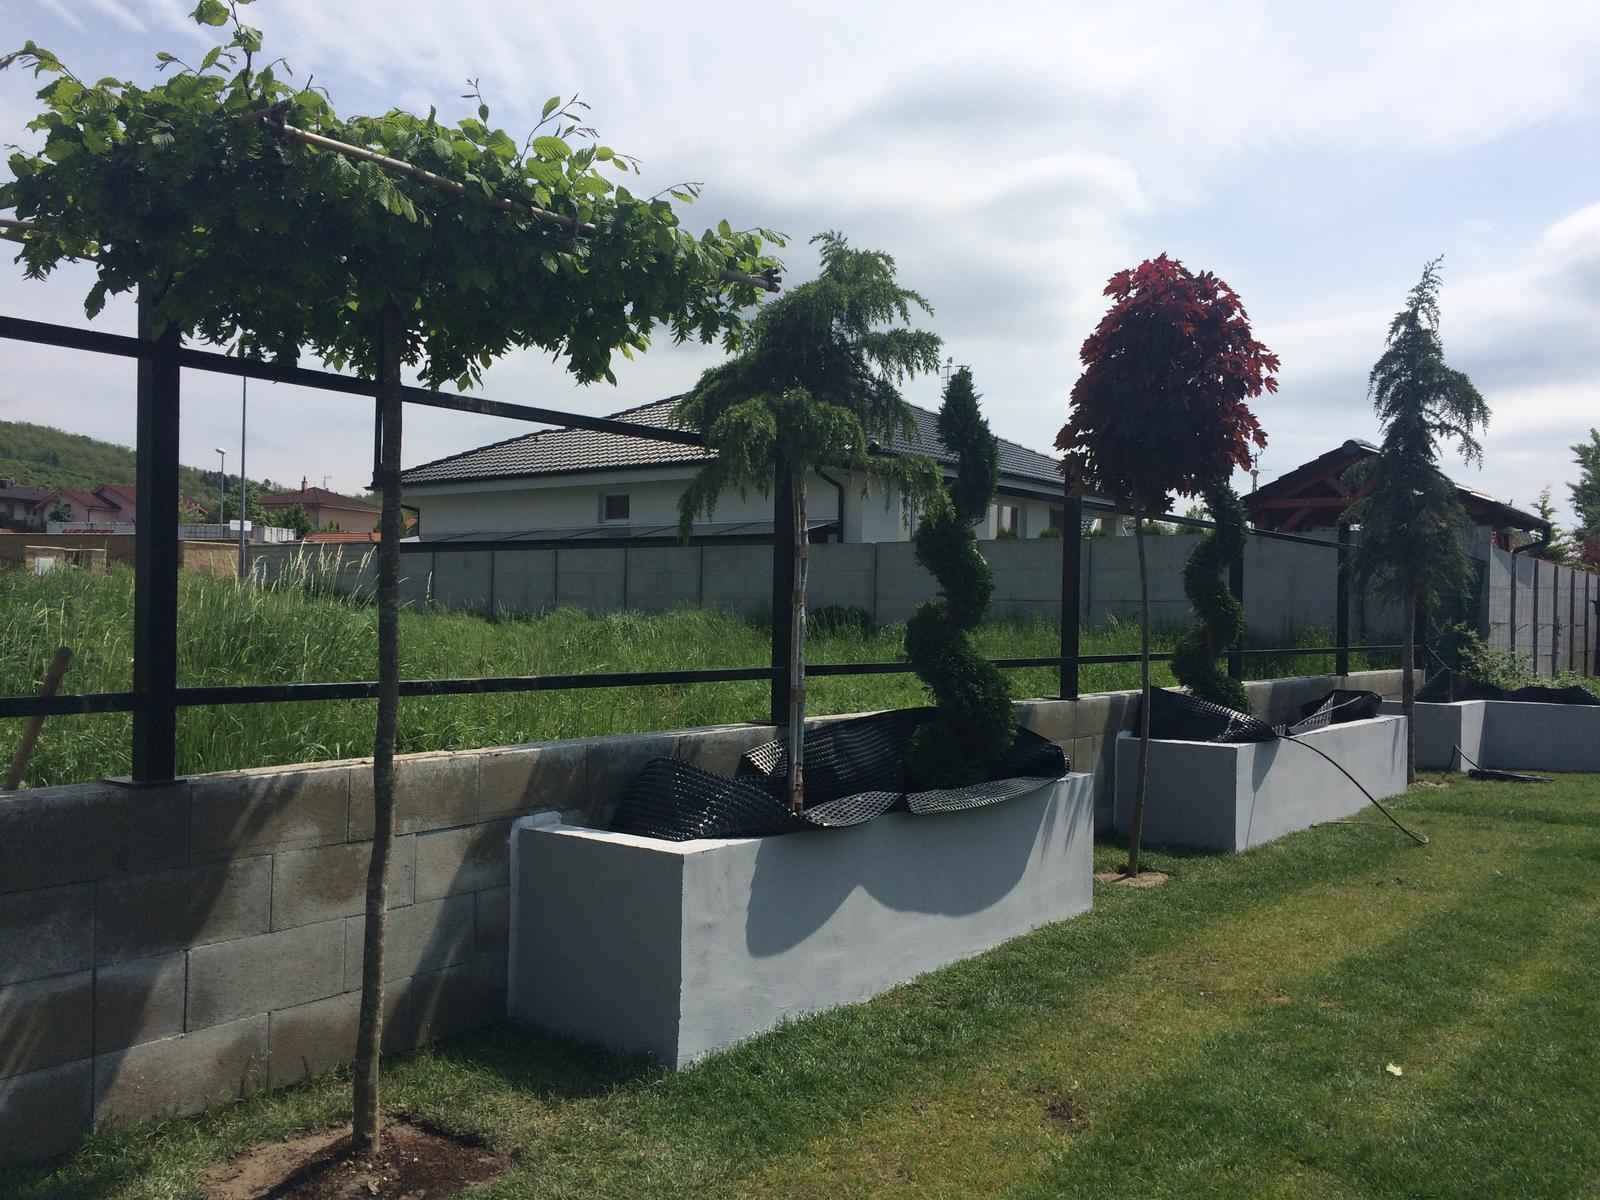 Zahradka - Zatiaľ provizórne posadena prvá várka.